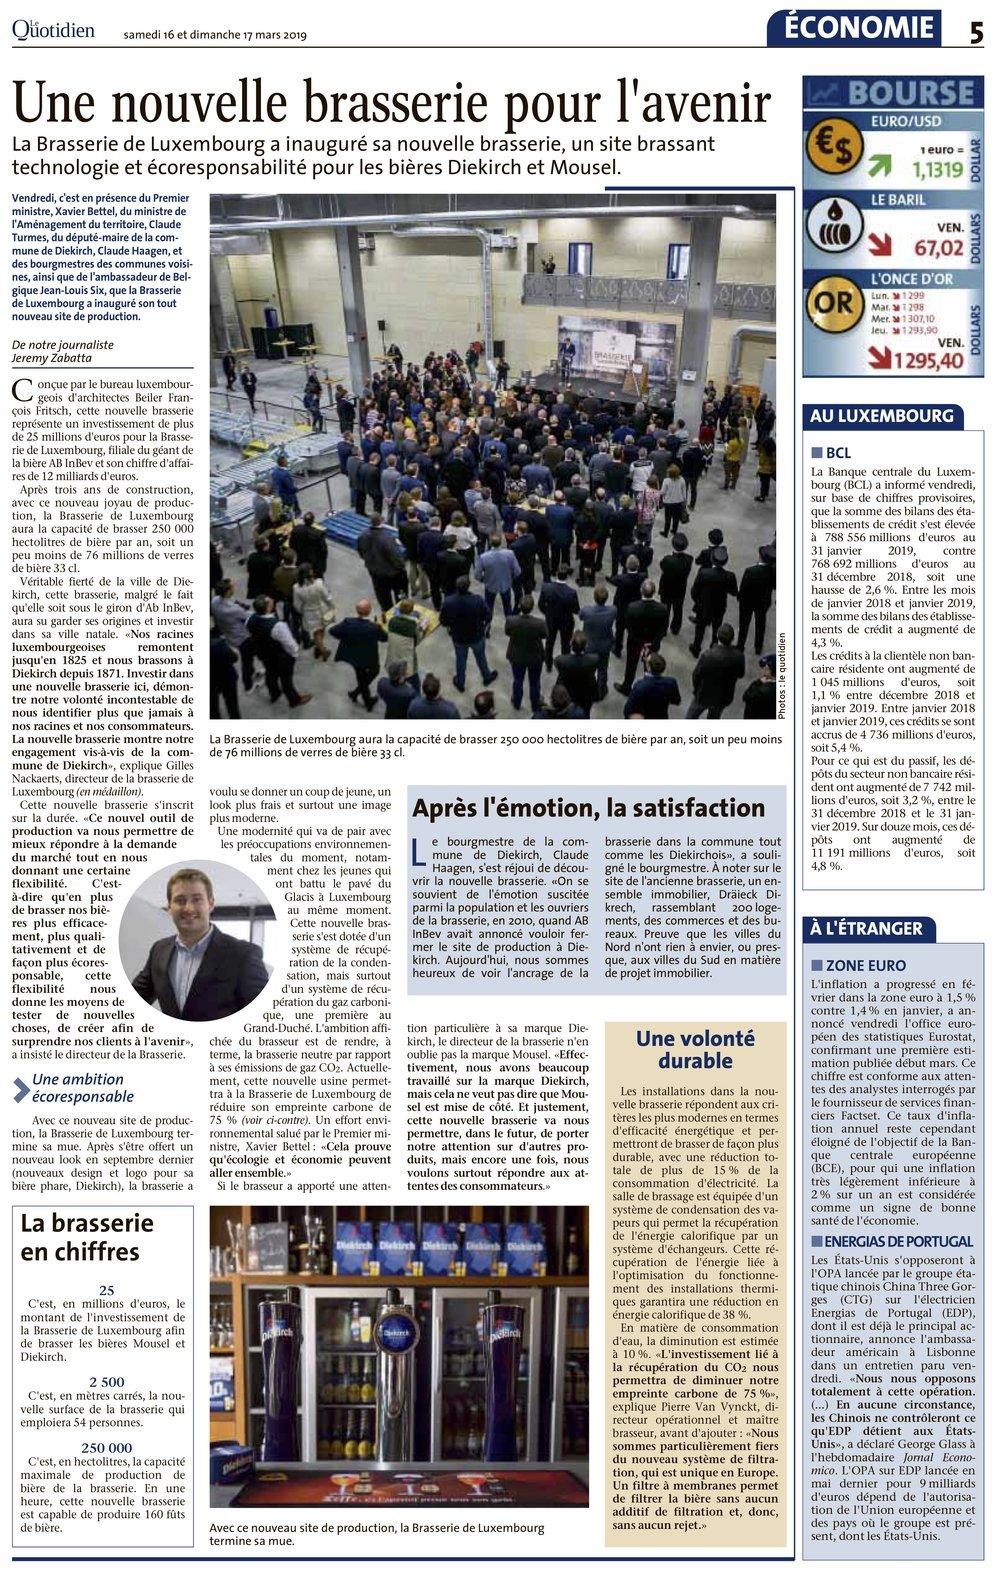 16.03.19_Quotidien Kopie.jpg